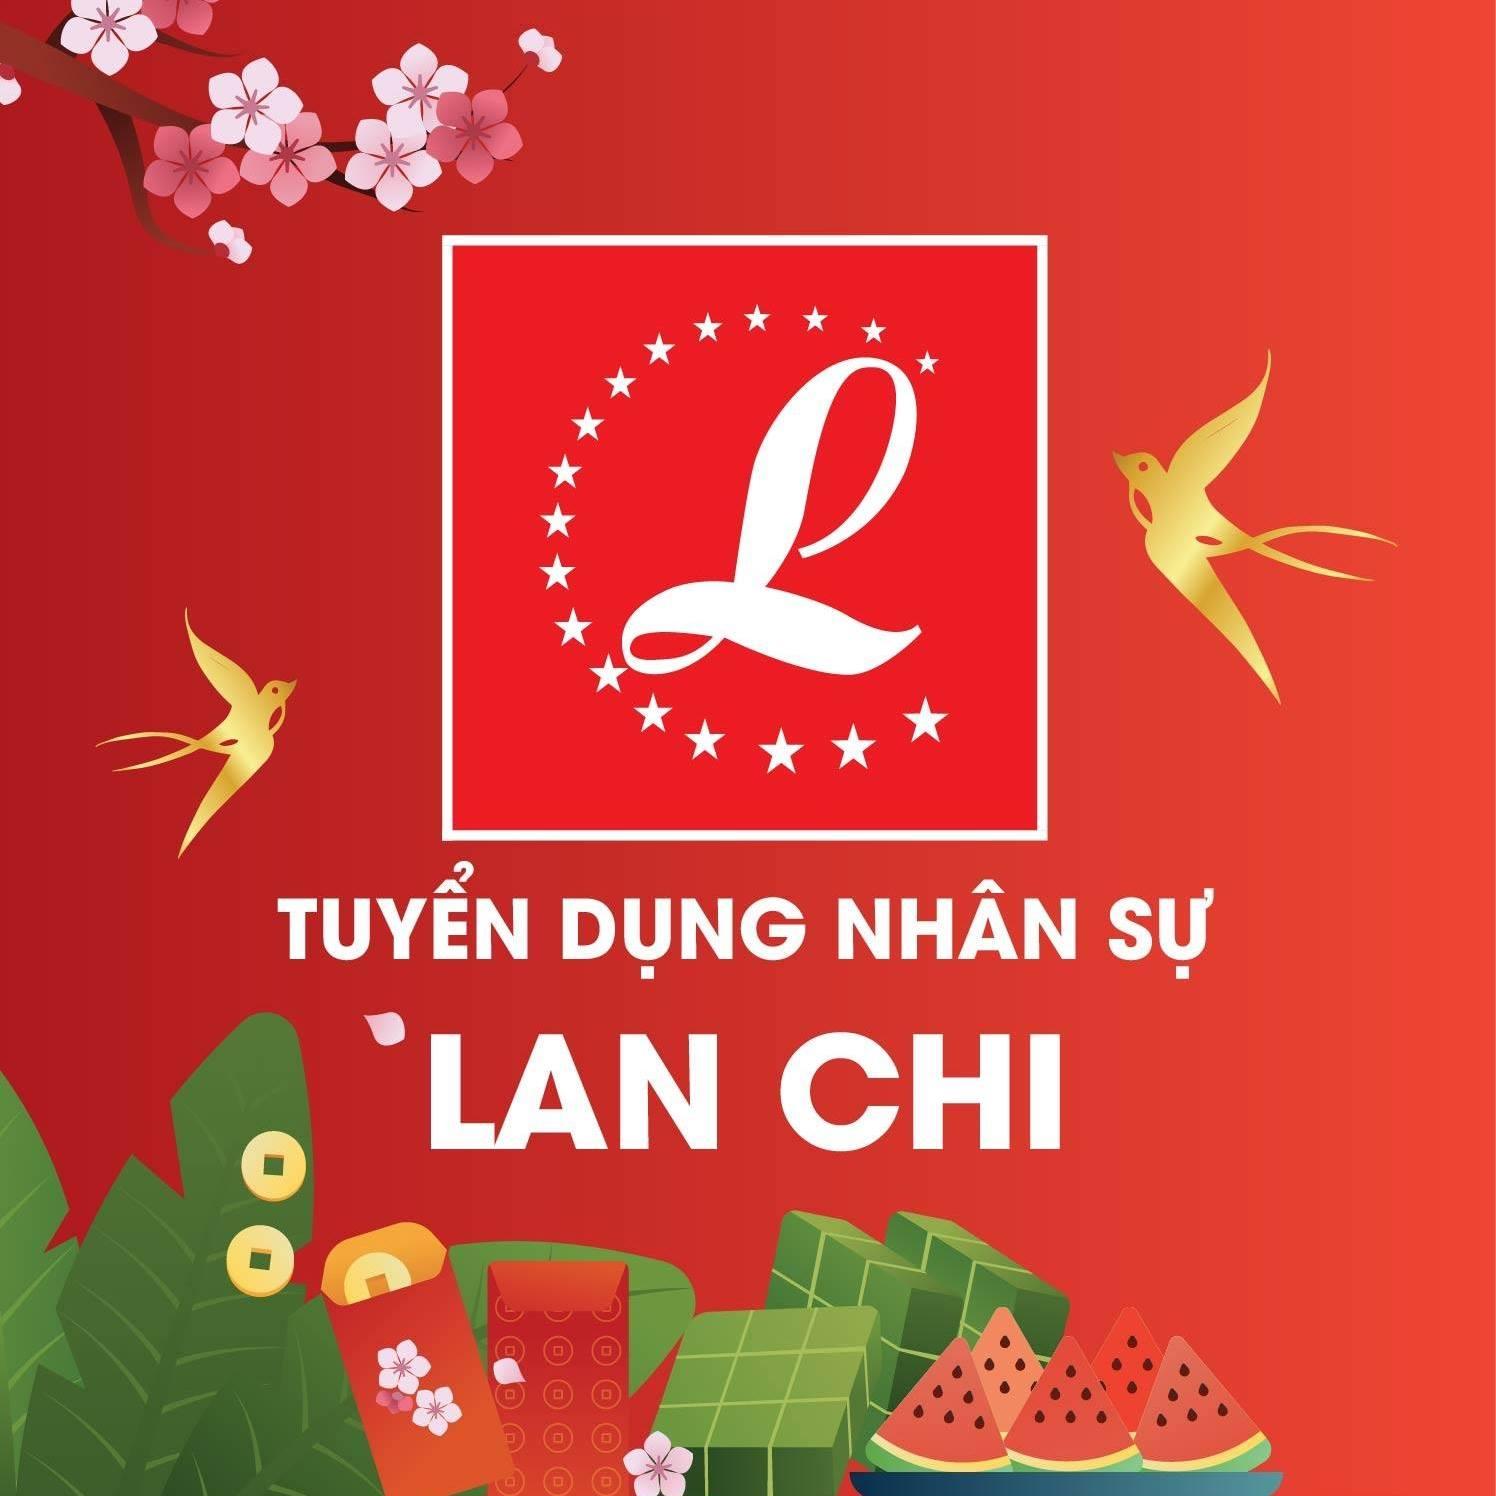 Sieu Thi Lan Chi Vinh Phuc